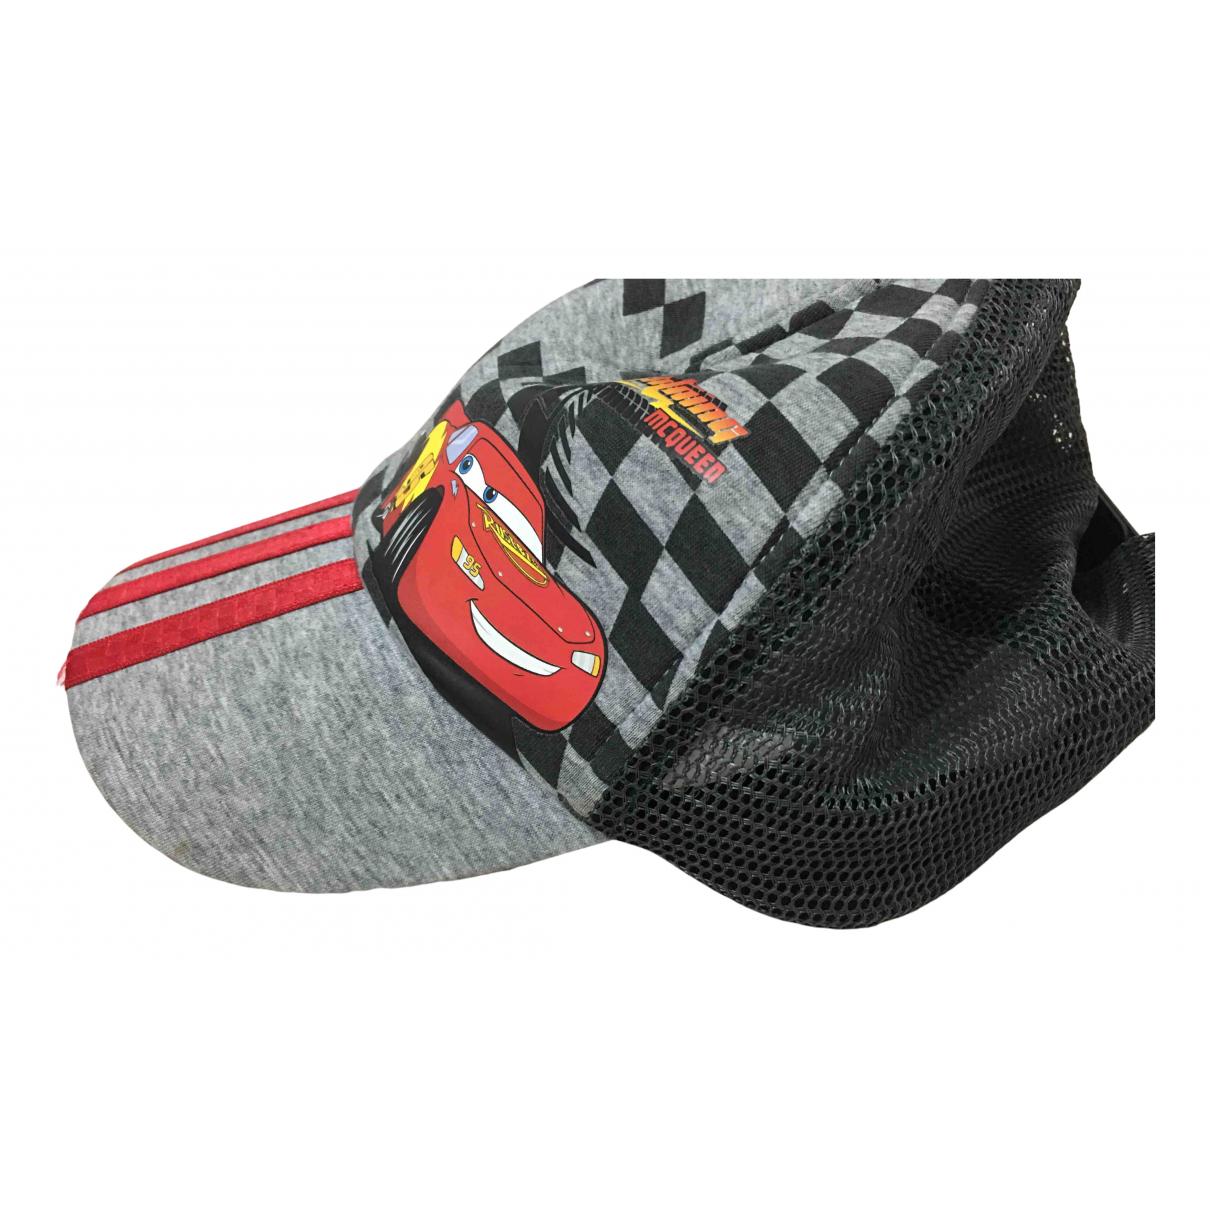 Adidas \N Hut, Muetzen, Handschuhe in  Grau Baumwolle